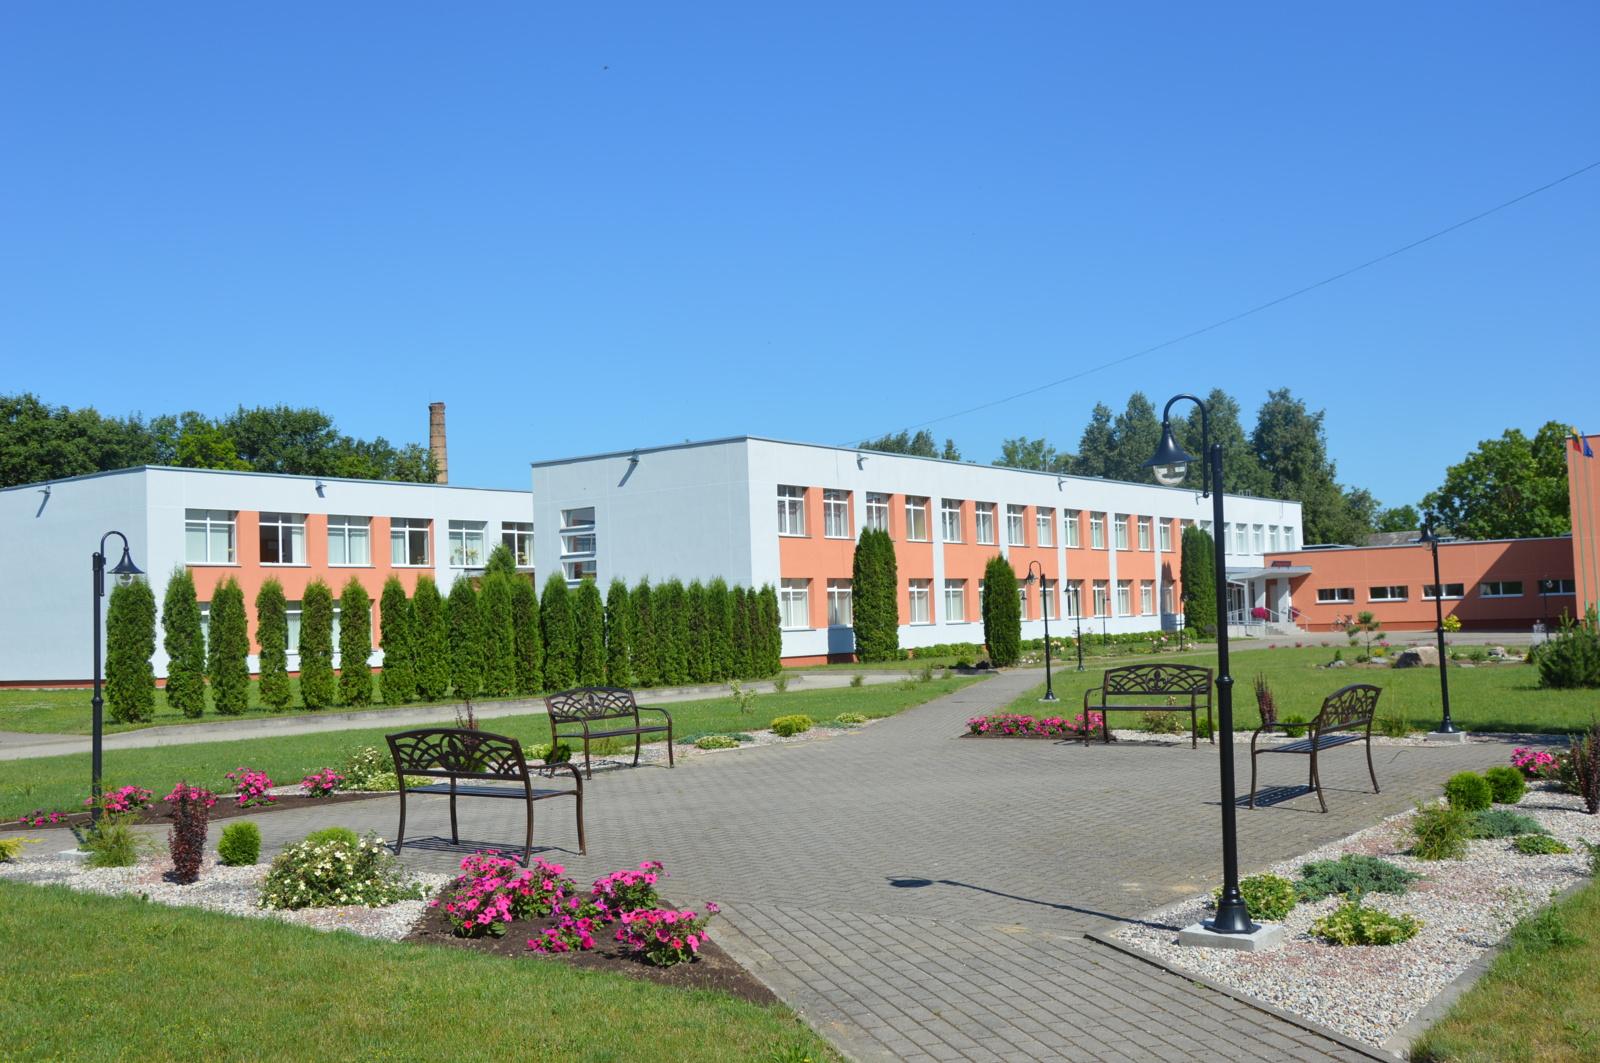 Sprendžiamas žemės ūkio mokyklų reorganizavimo klausimas